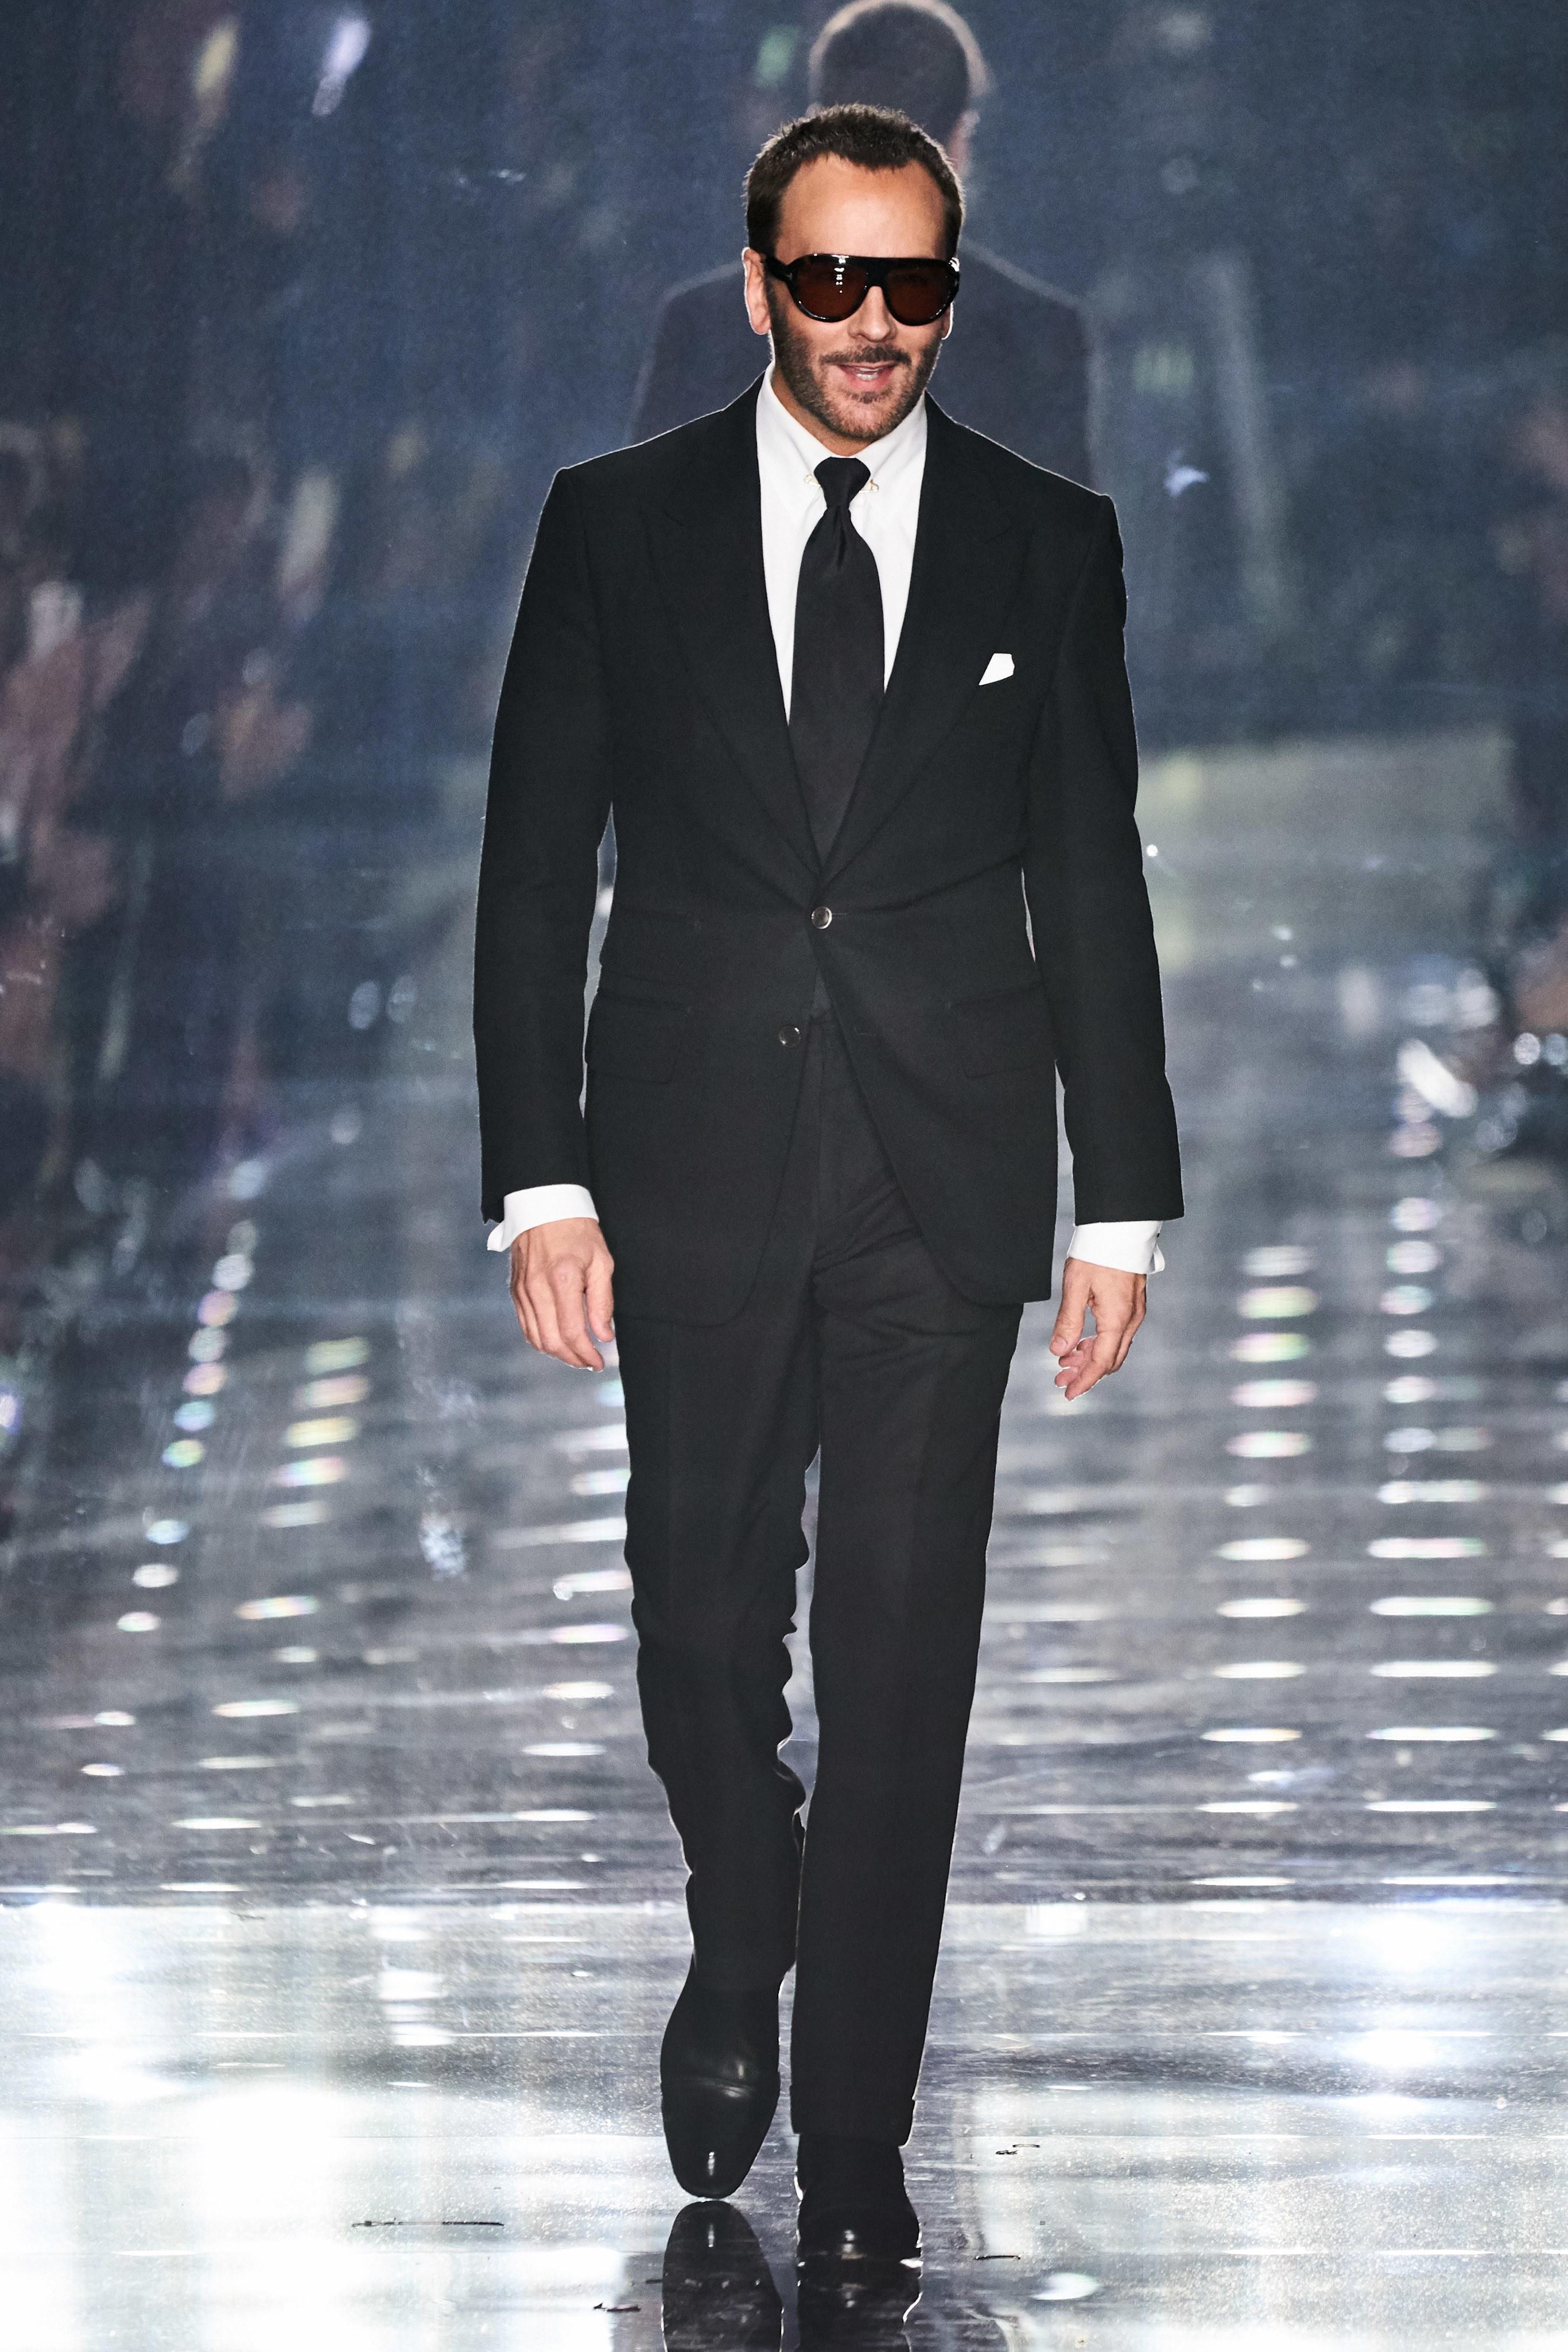 tuần lễ thời trang thu đông 2020 tom ford